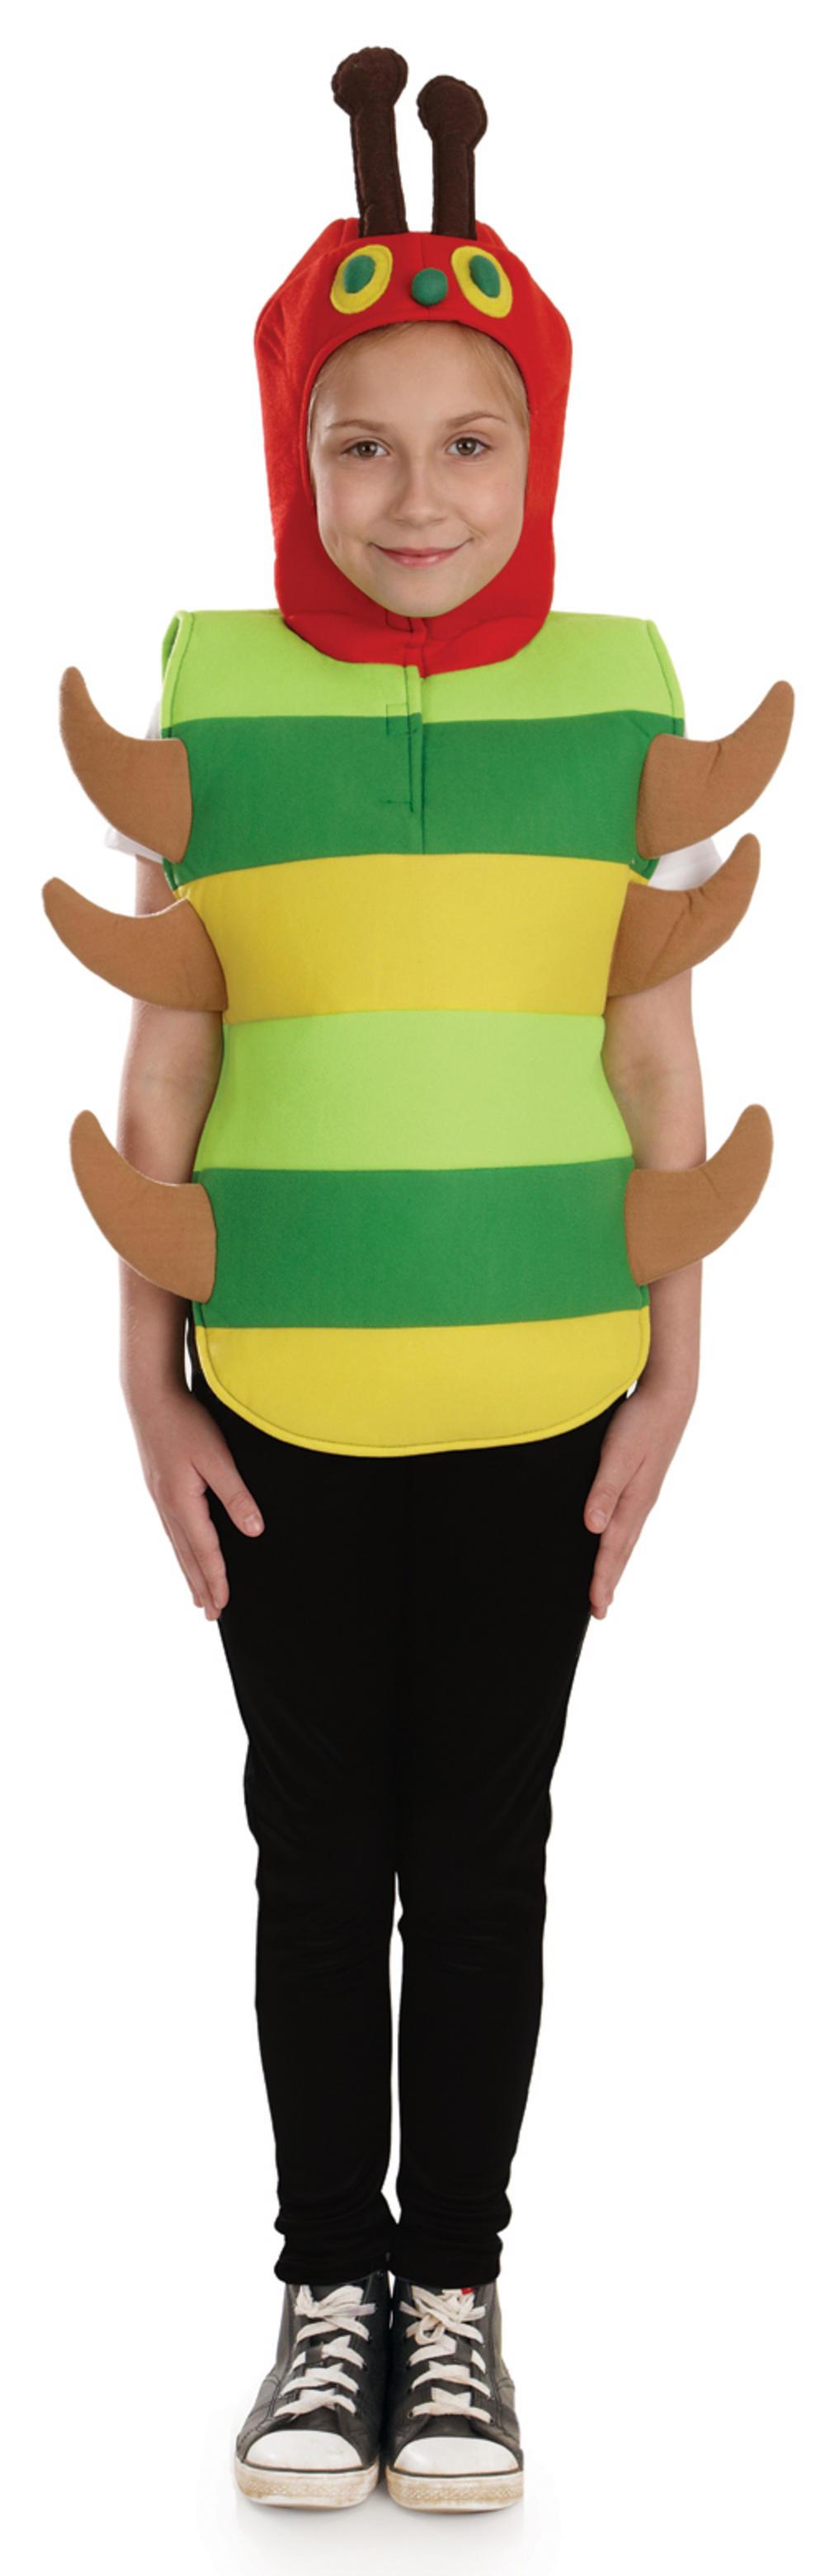 how to make caterpillar fancy dress